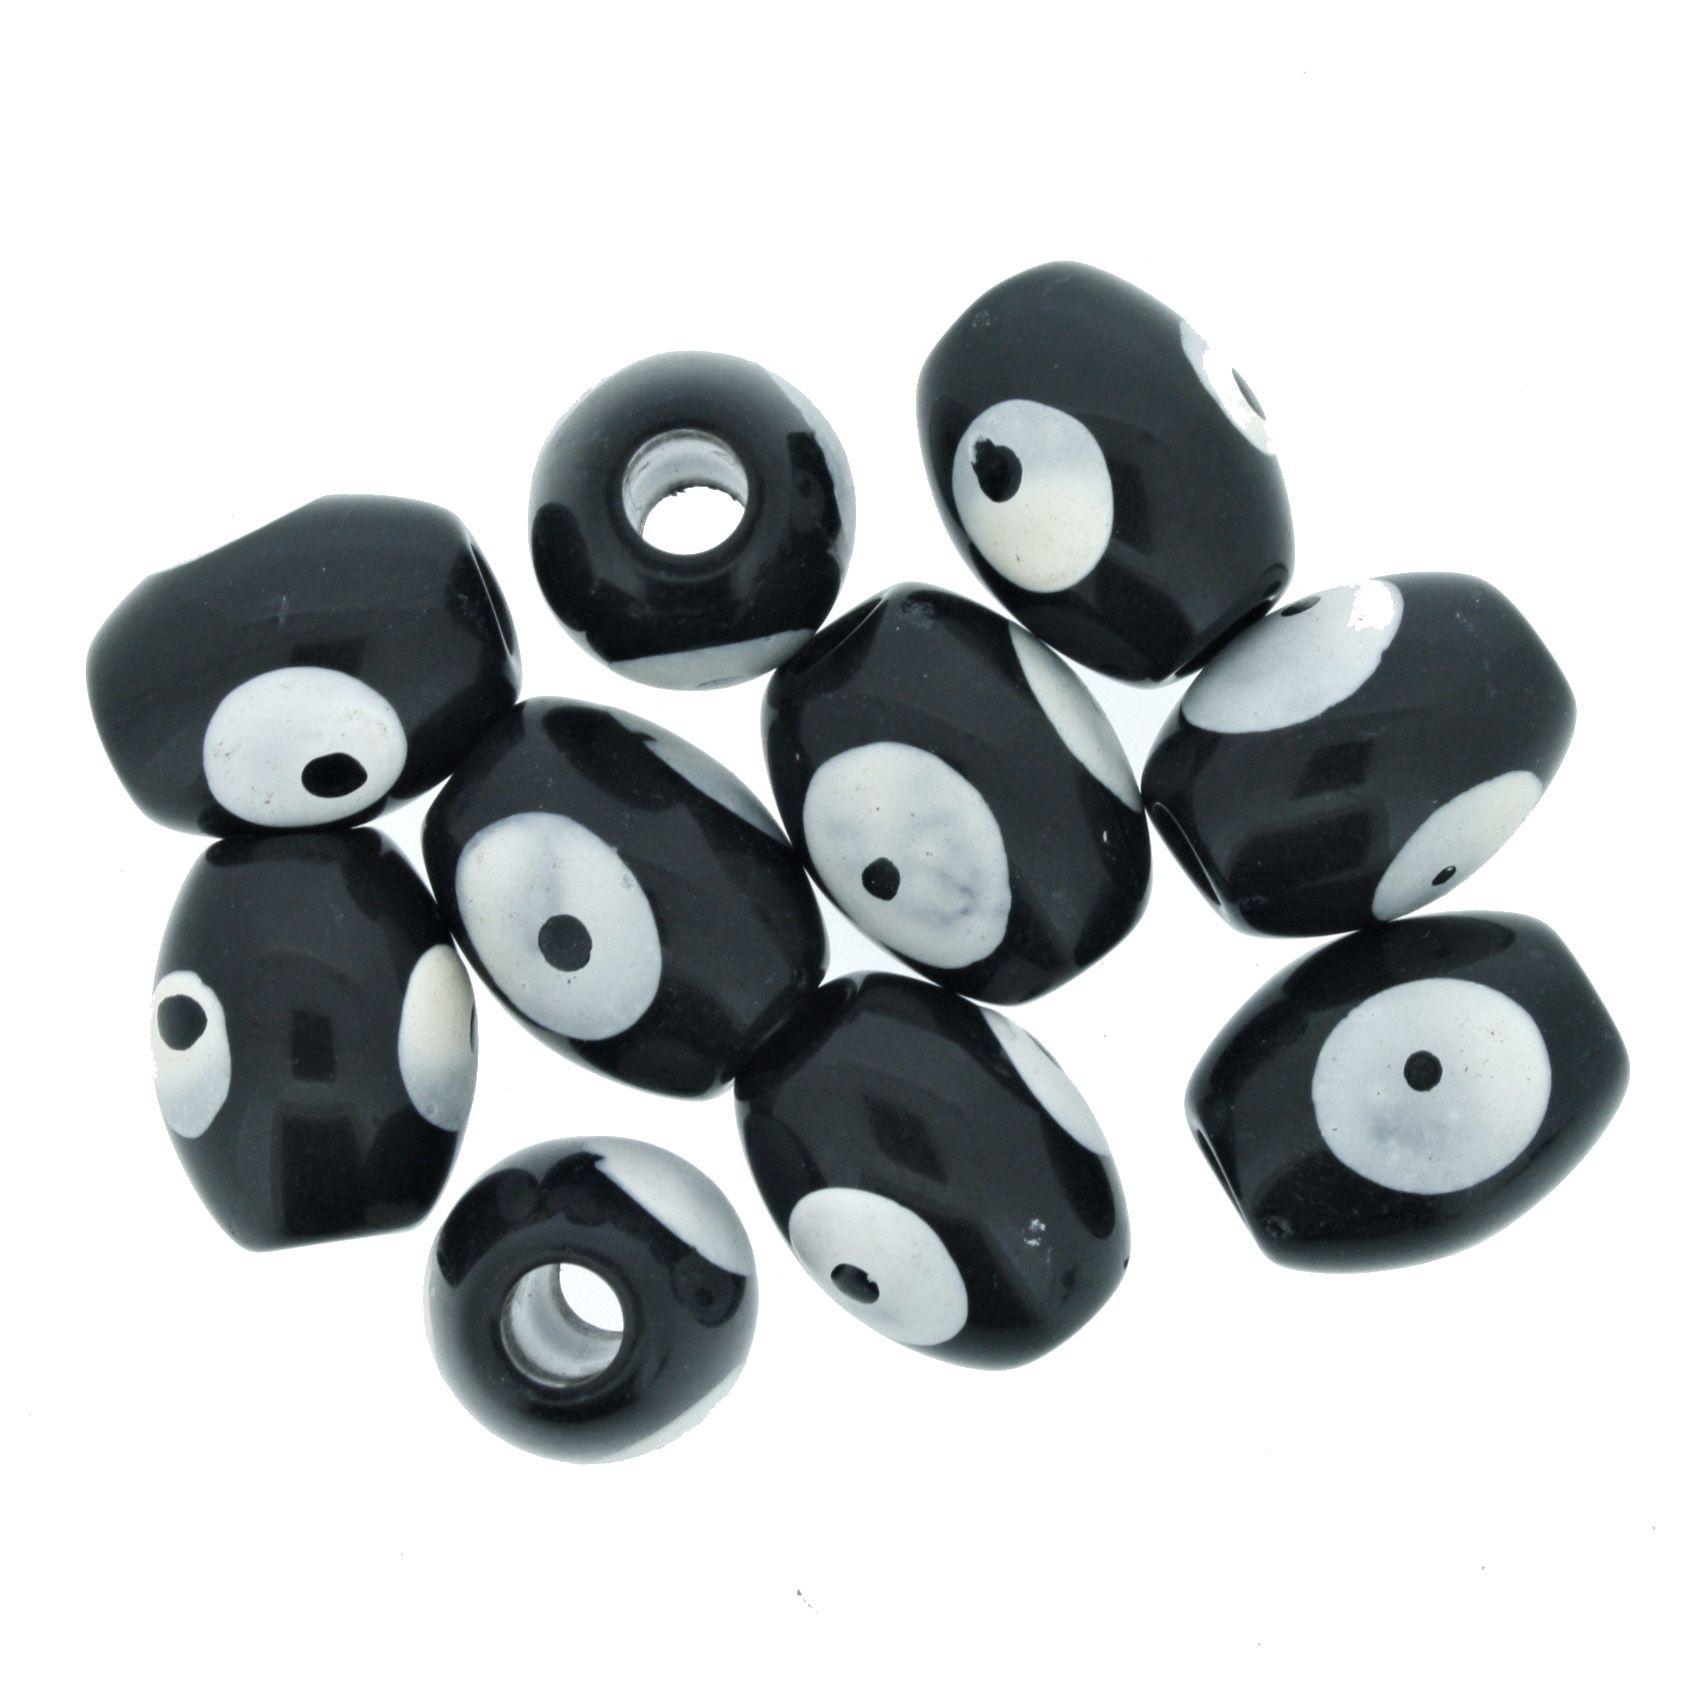 Olho Grego - Oval - Preto - 13x10mm  - Stéphanie Bijoux® - Peças para Bijuterias e Artesanato